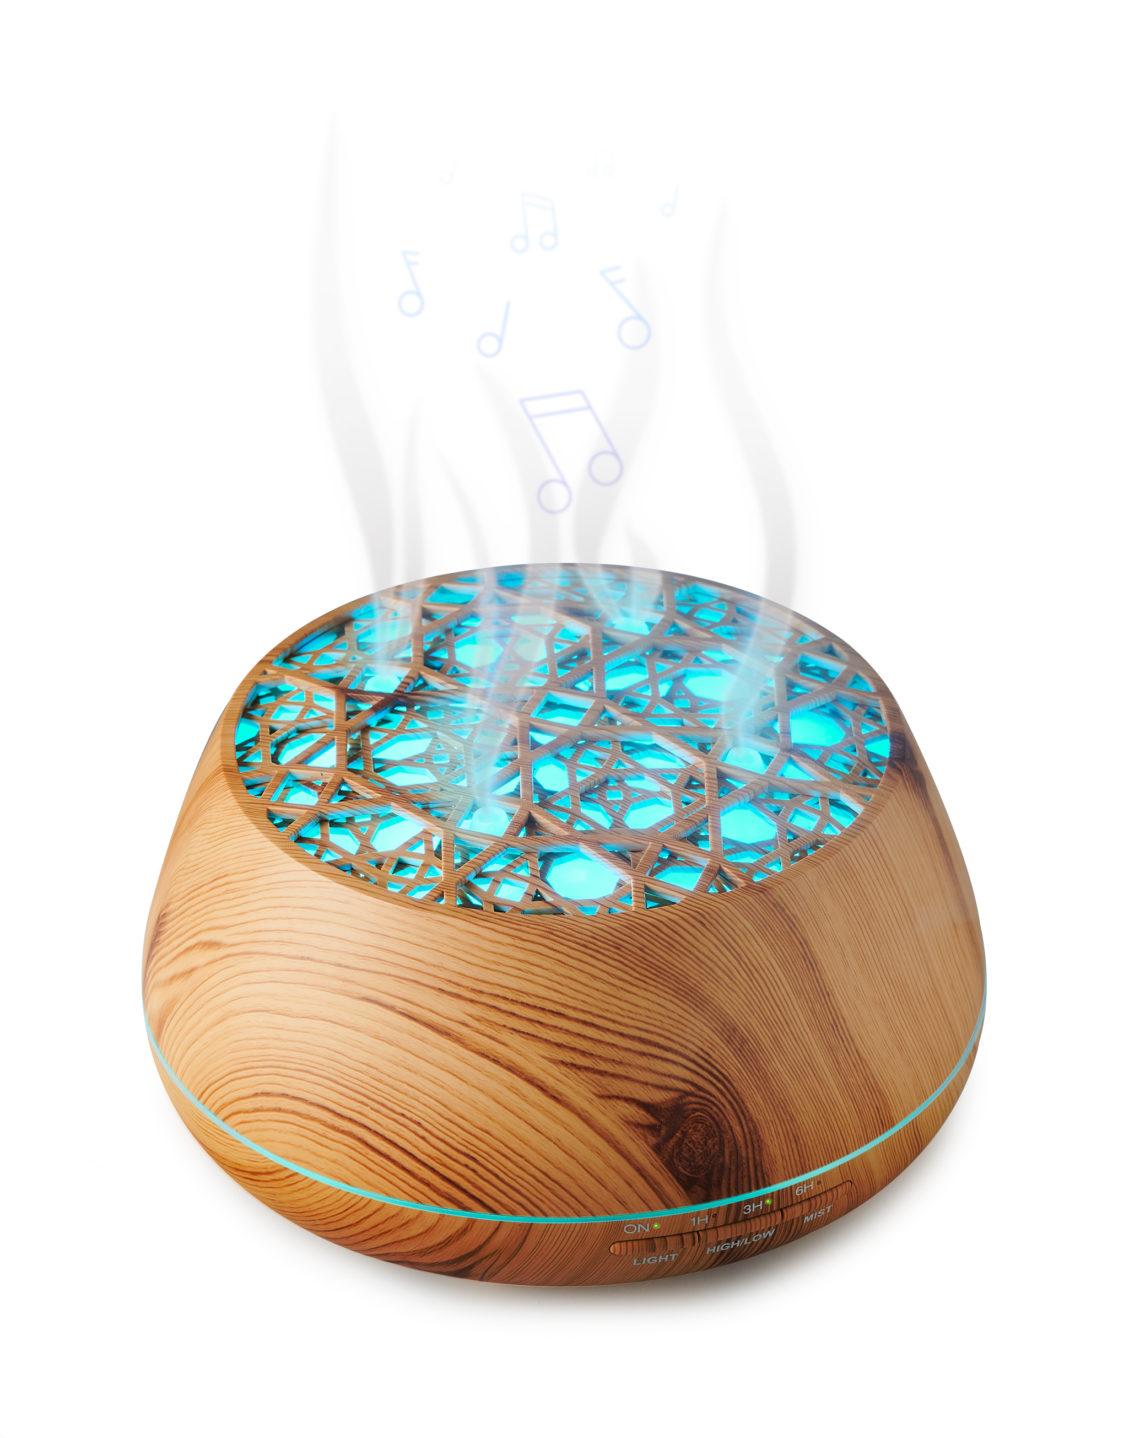 Enceinte lumineuse/diffuseur d'huiles essentielles BTA01 BIGBEN - Visuel#2tutu#4tutu#6tutu#7